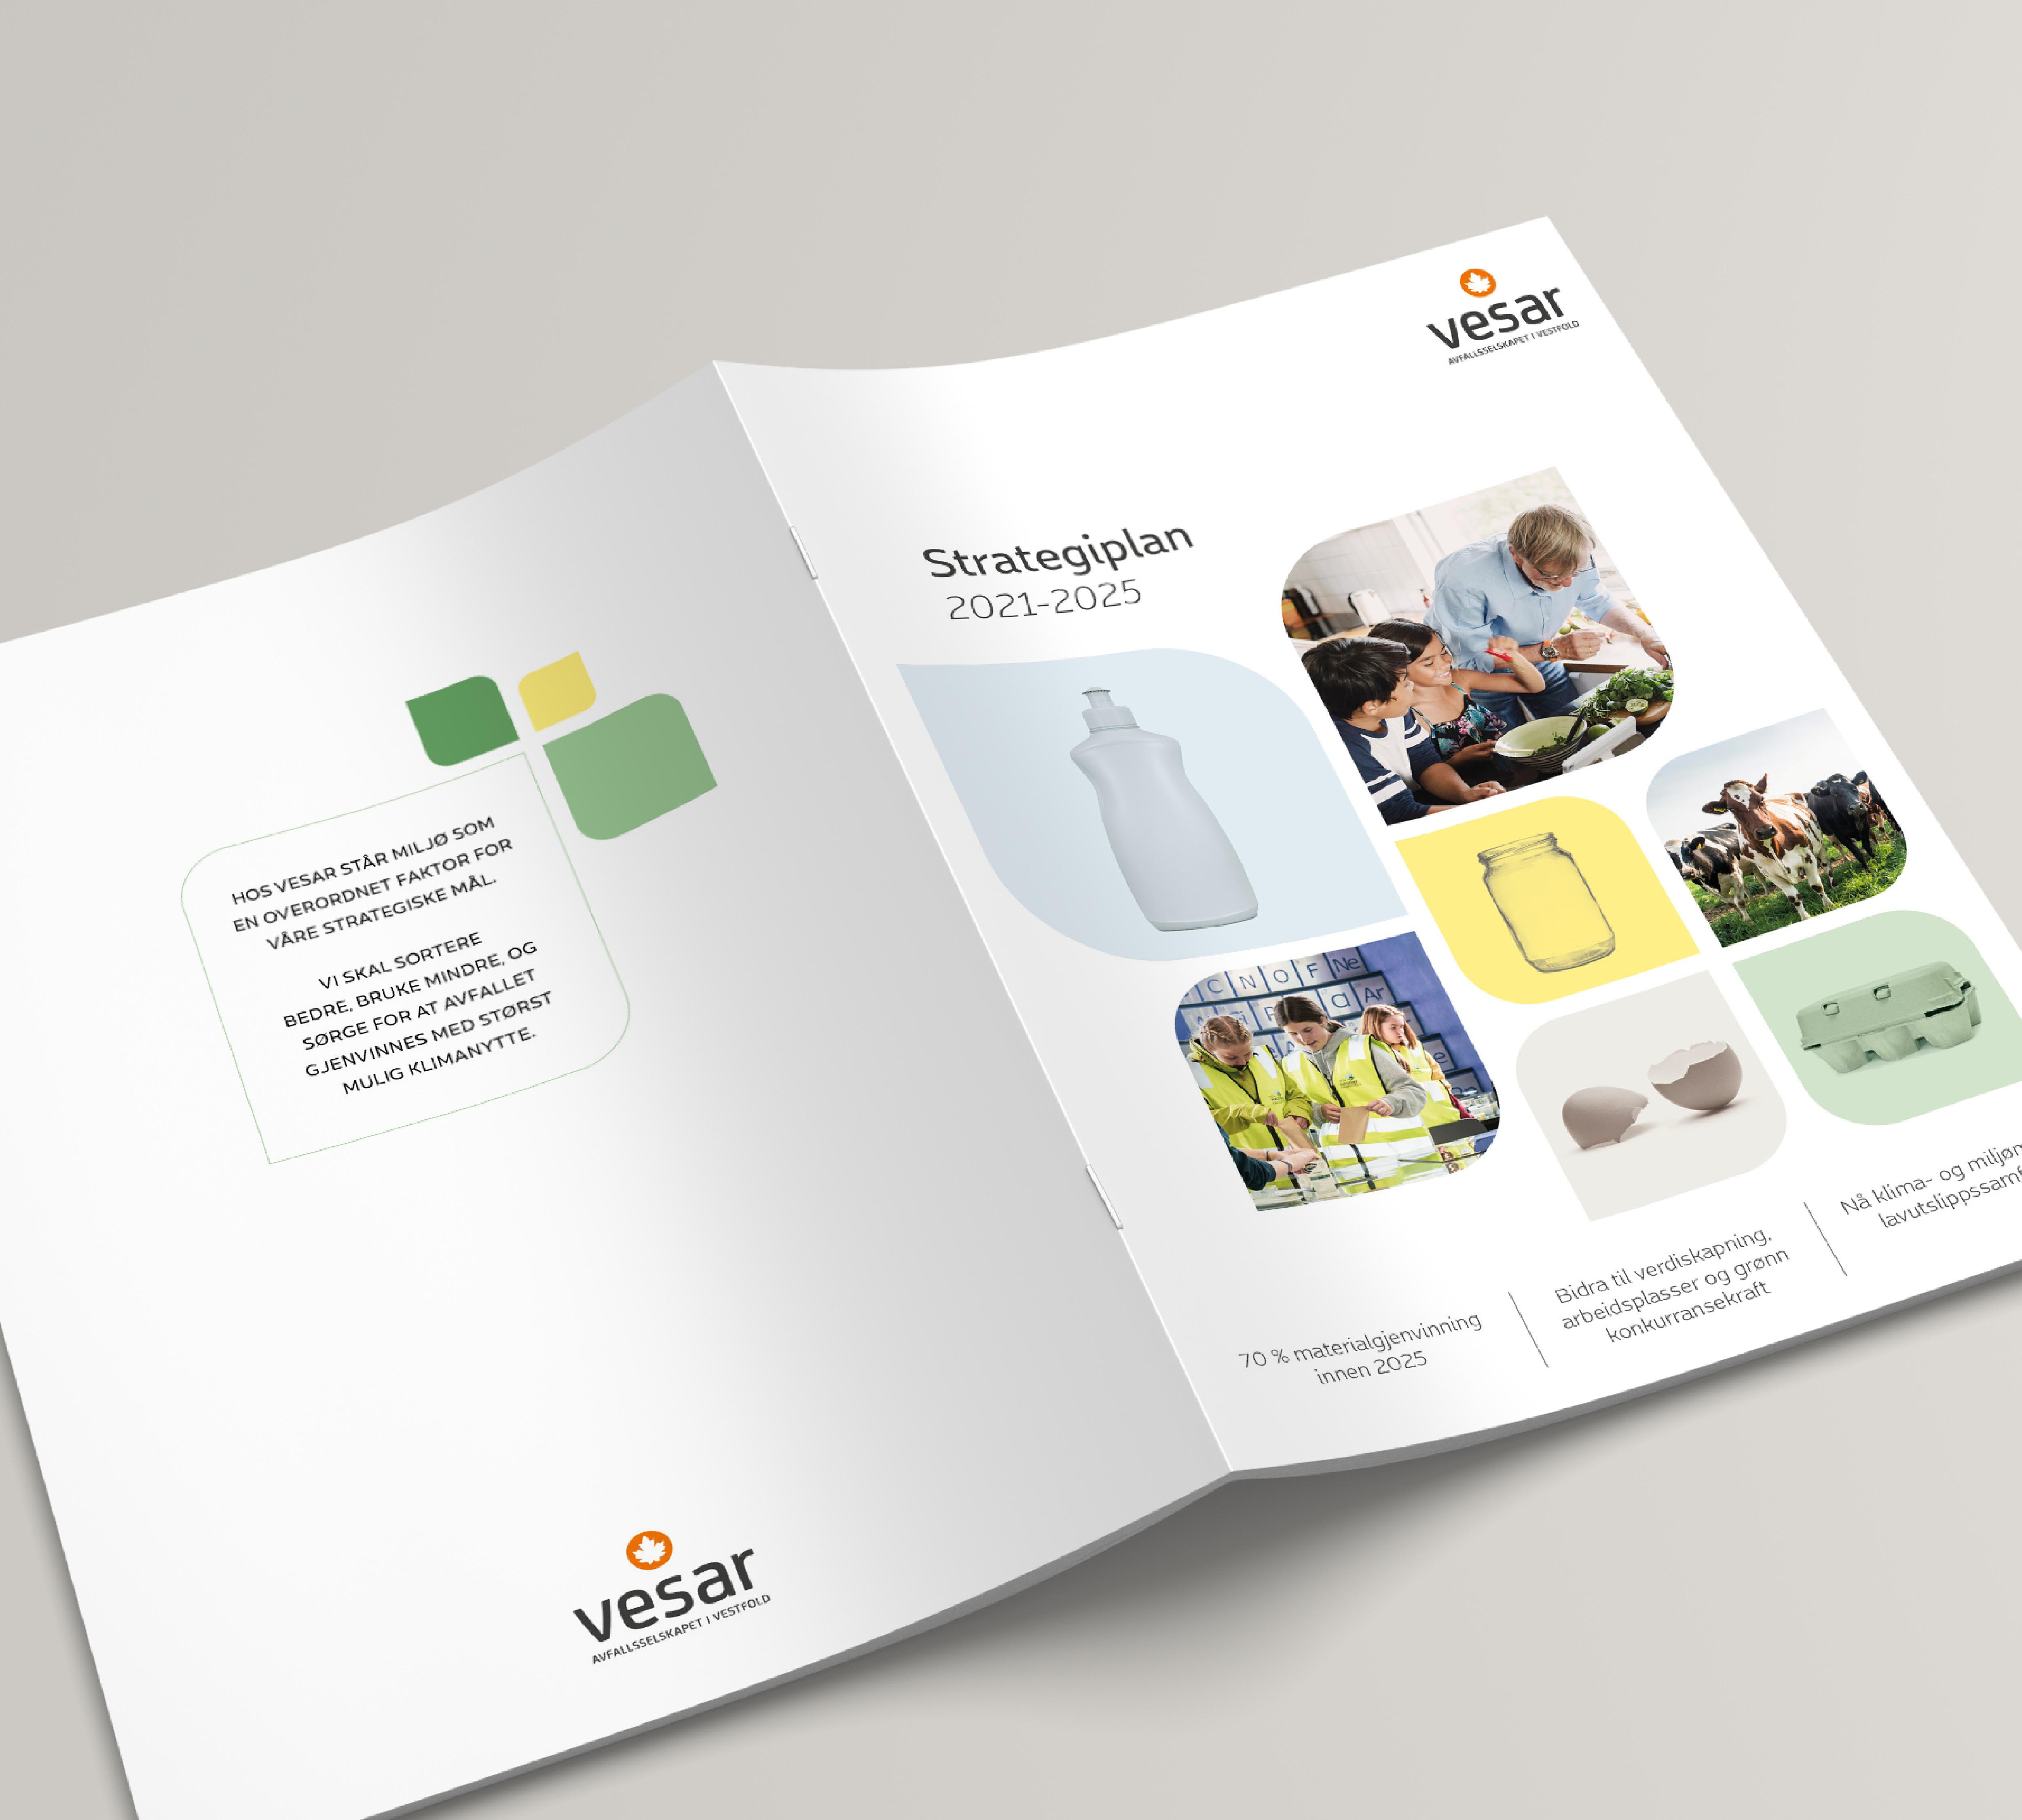 Vesar strategiplan for 2021-2025